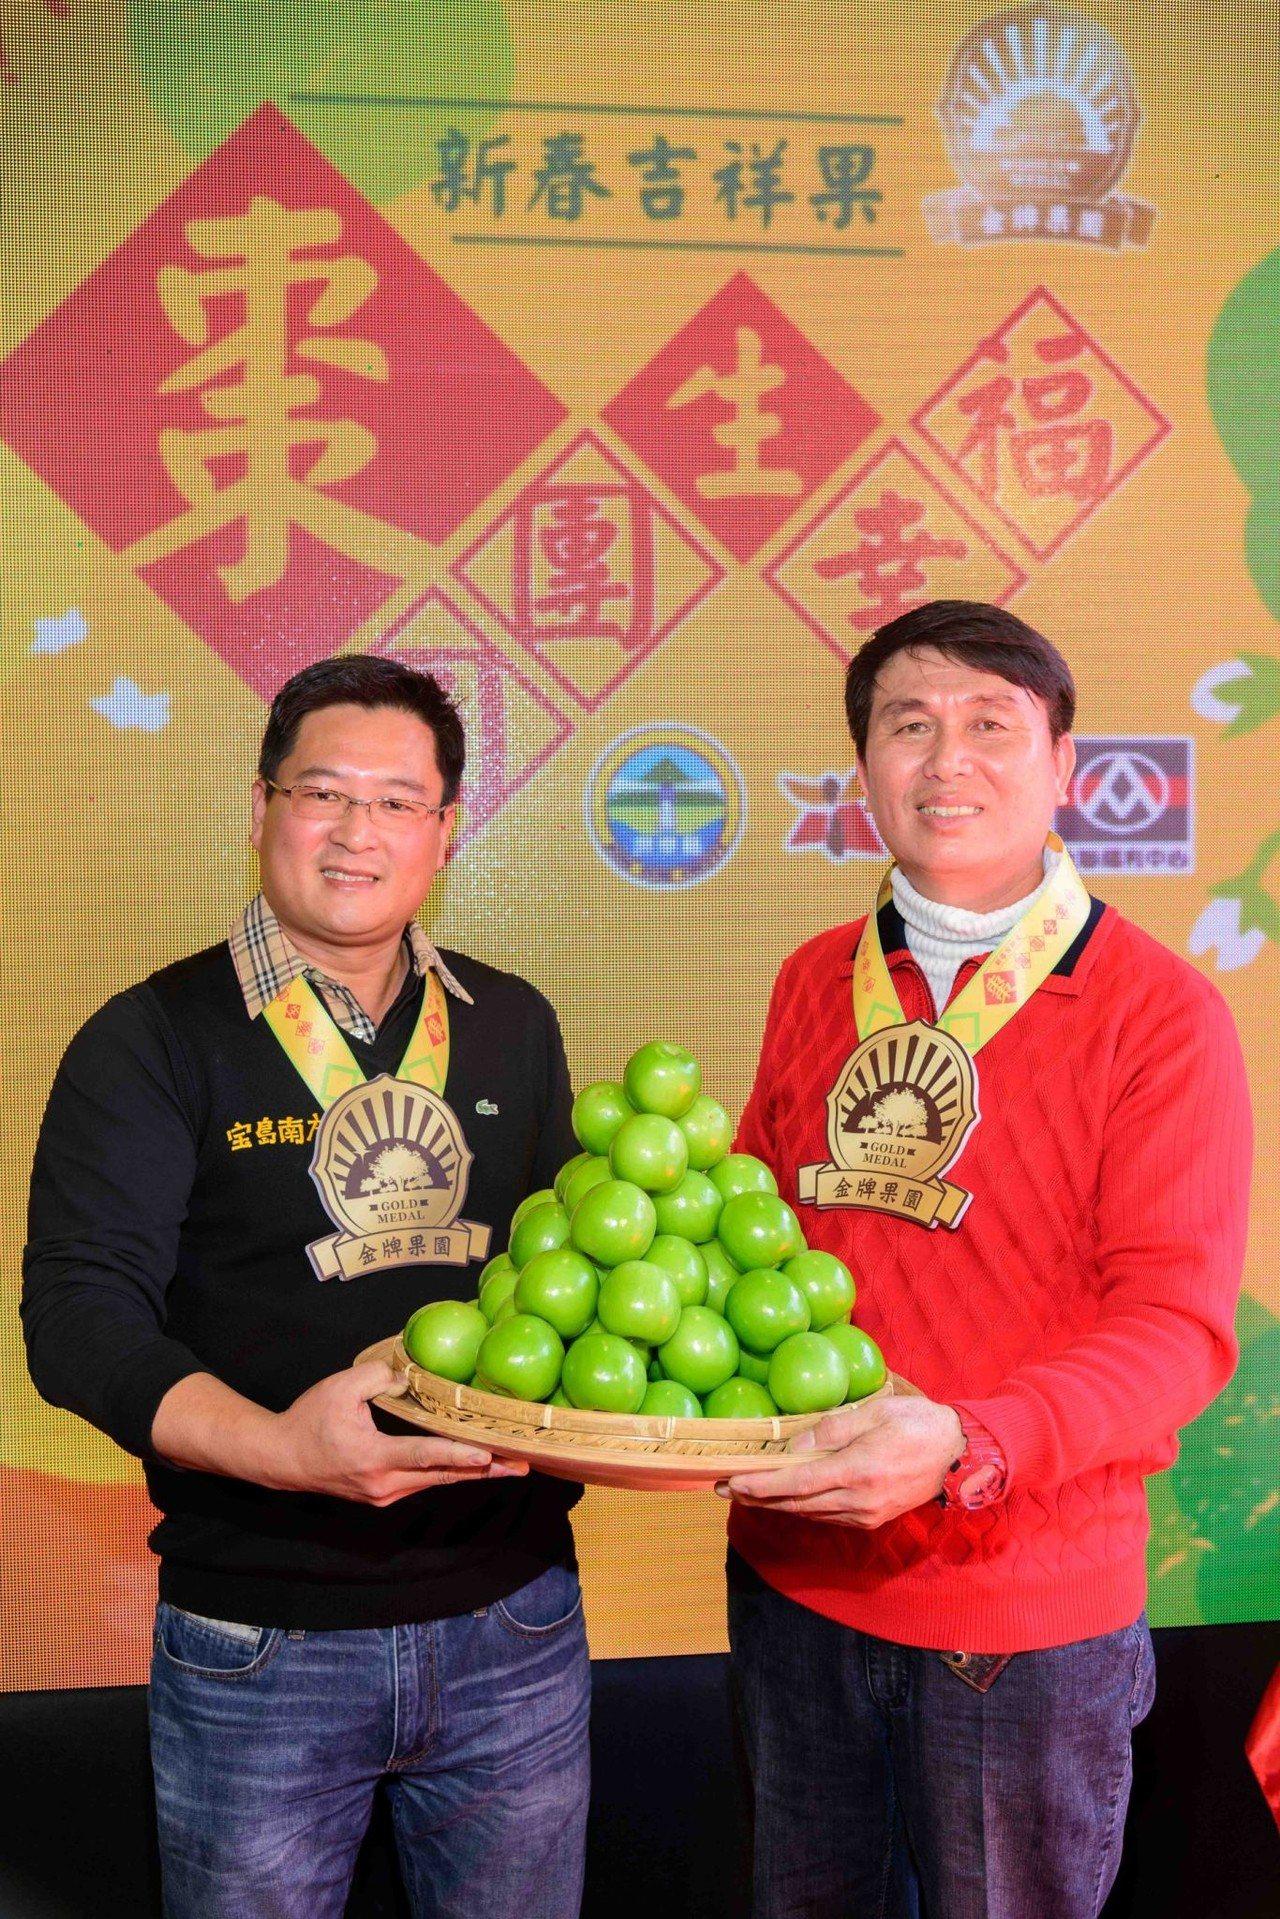 兩大神農潘志民(左)和謝明樹(右)向全國消費者推薦高雄12號珍愛蜜棗。圖/全聯福...